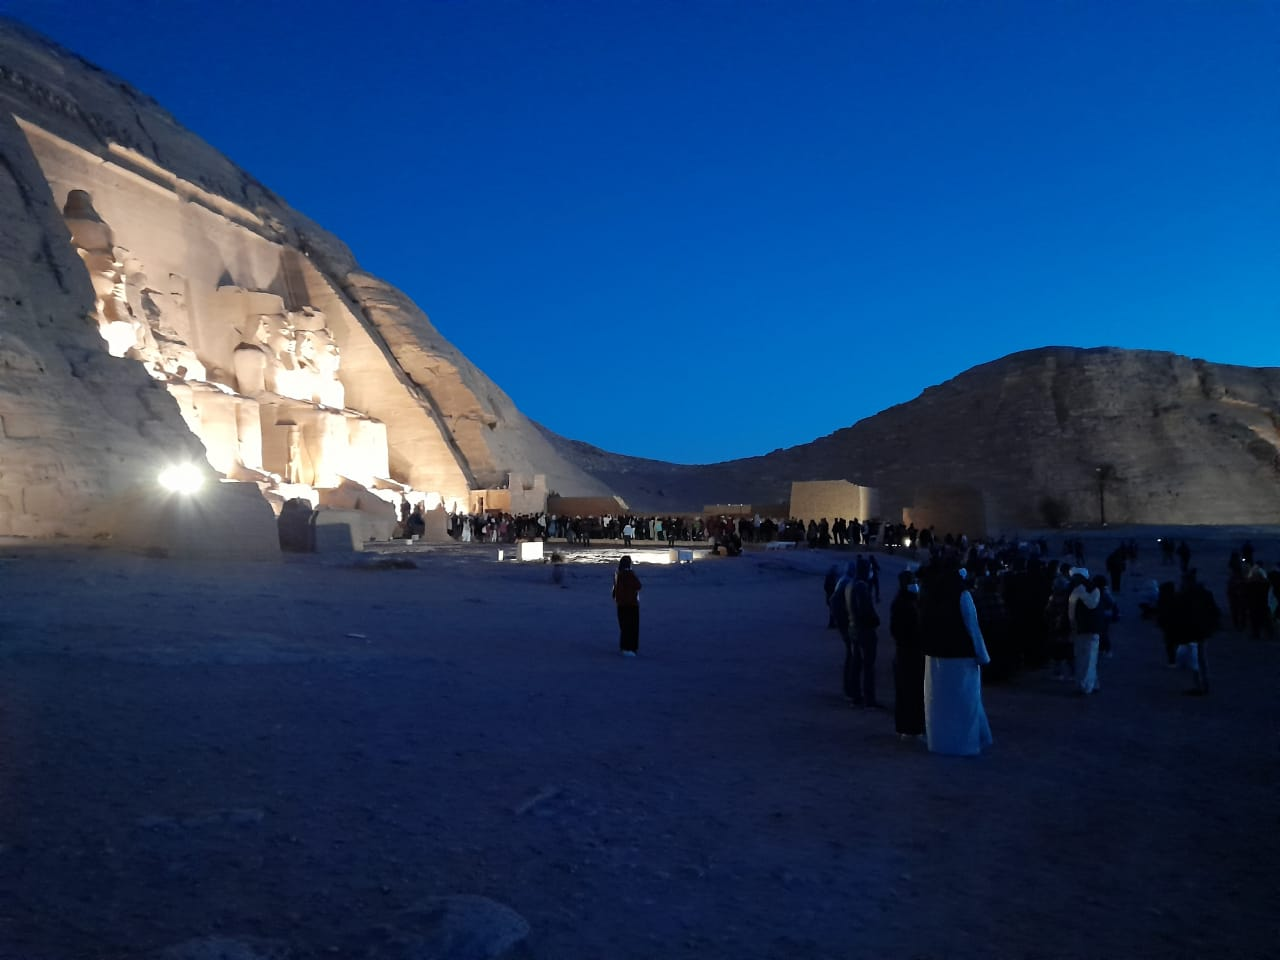 توافد الزوار على معبد أبوسمبل لحضور تعامد الشمس  (5)